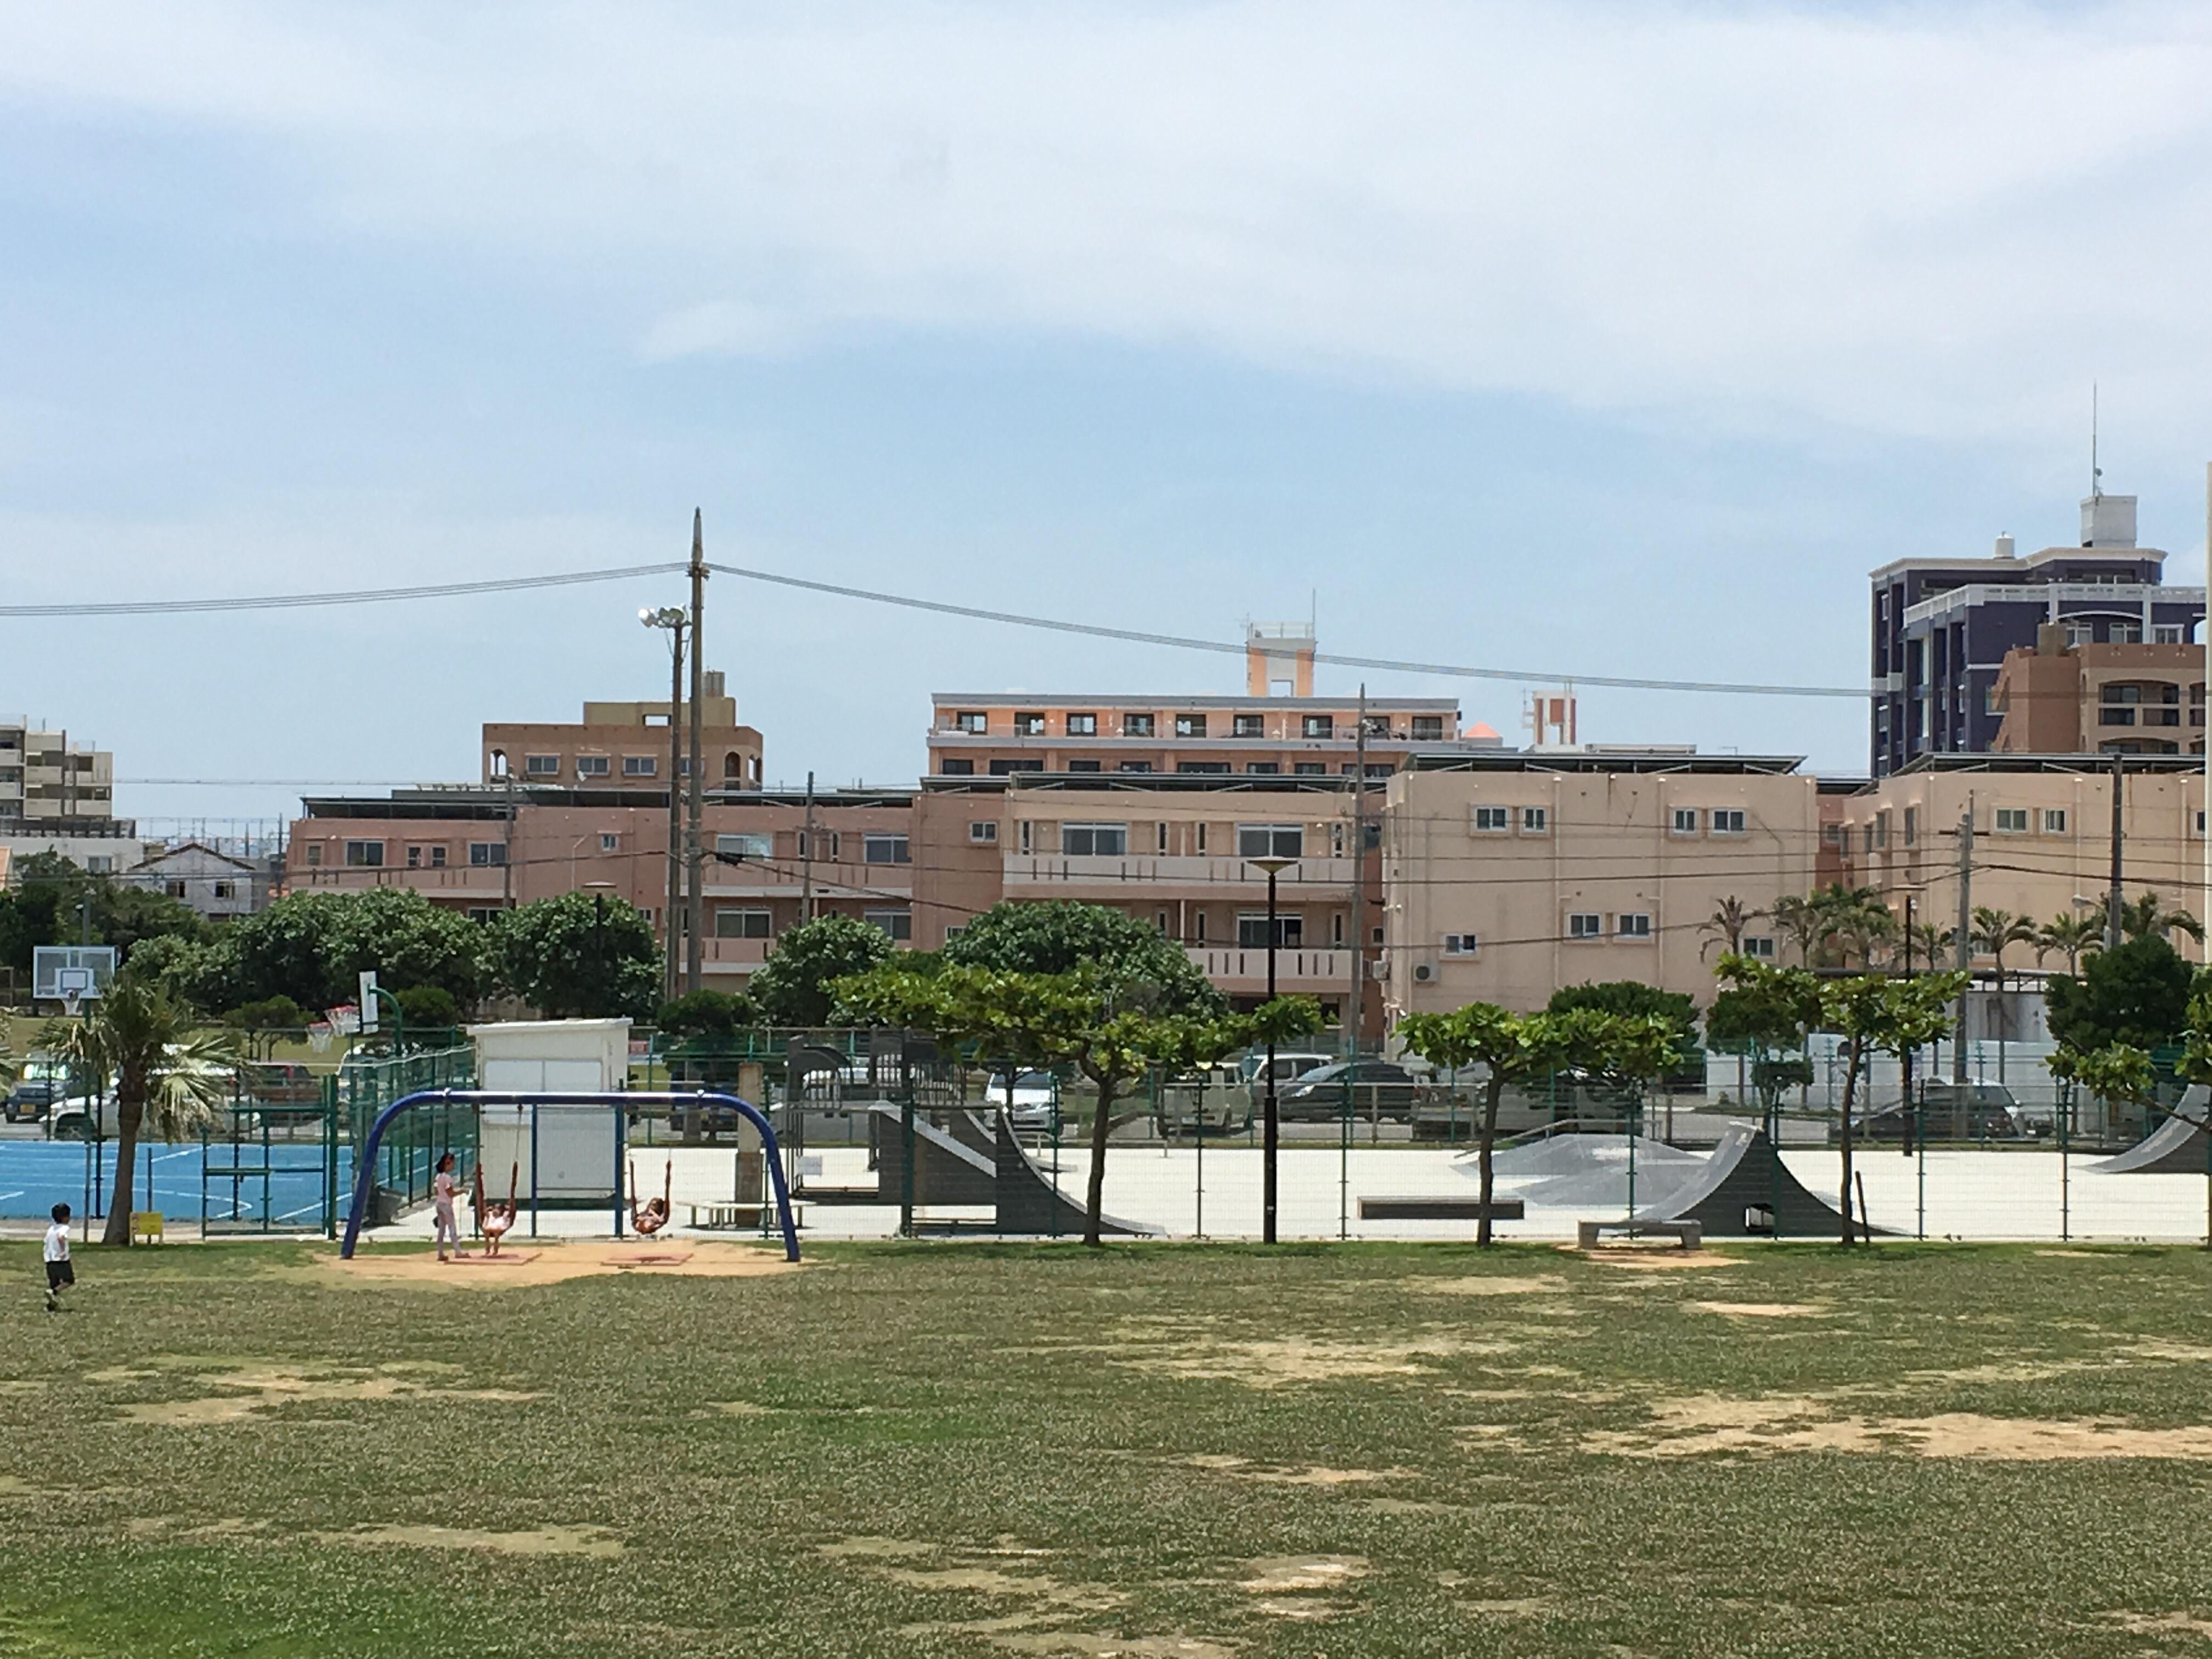 砂辺馬場公園のスケボーができる広場